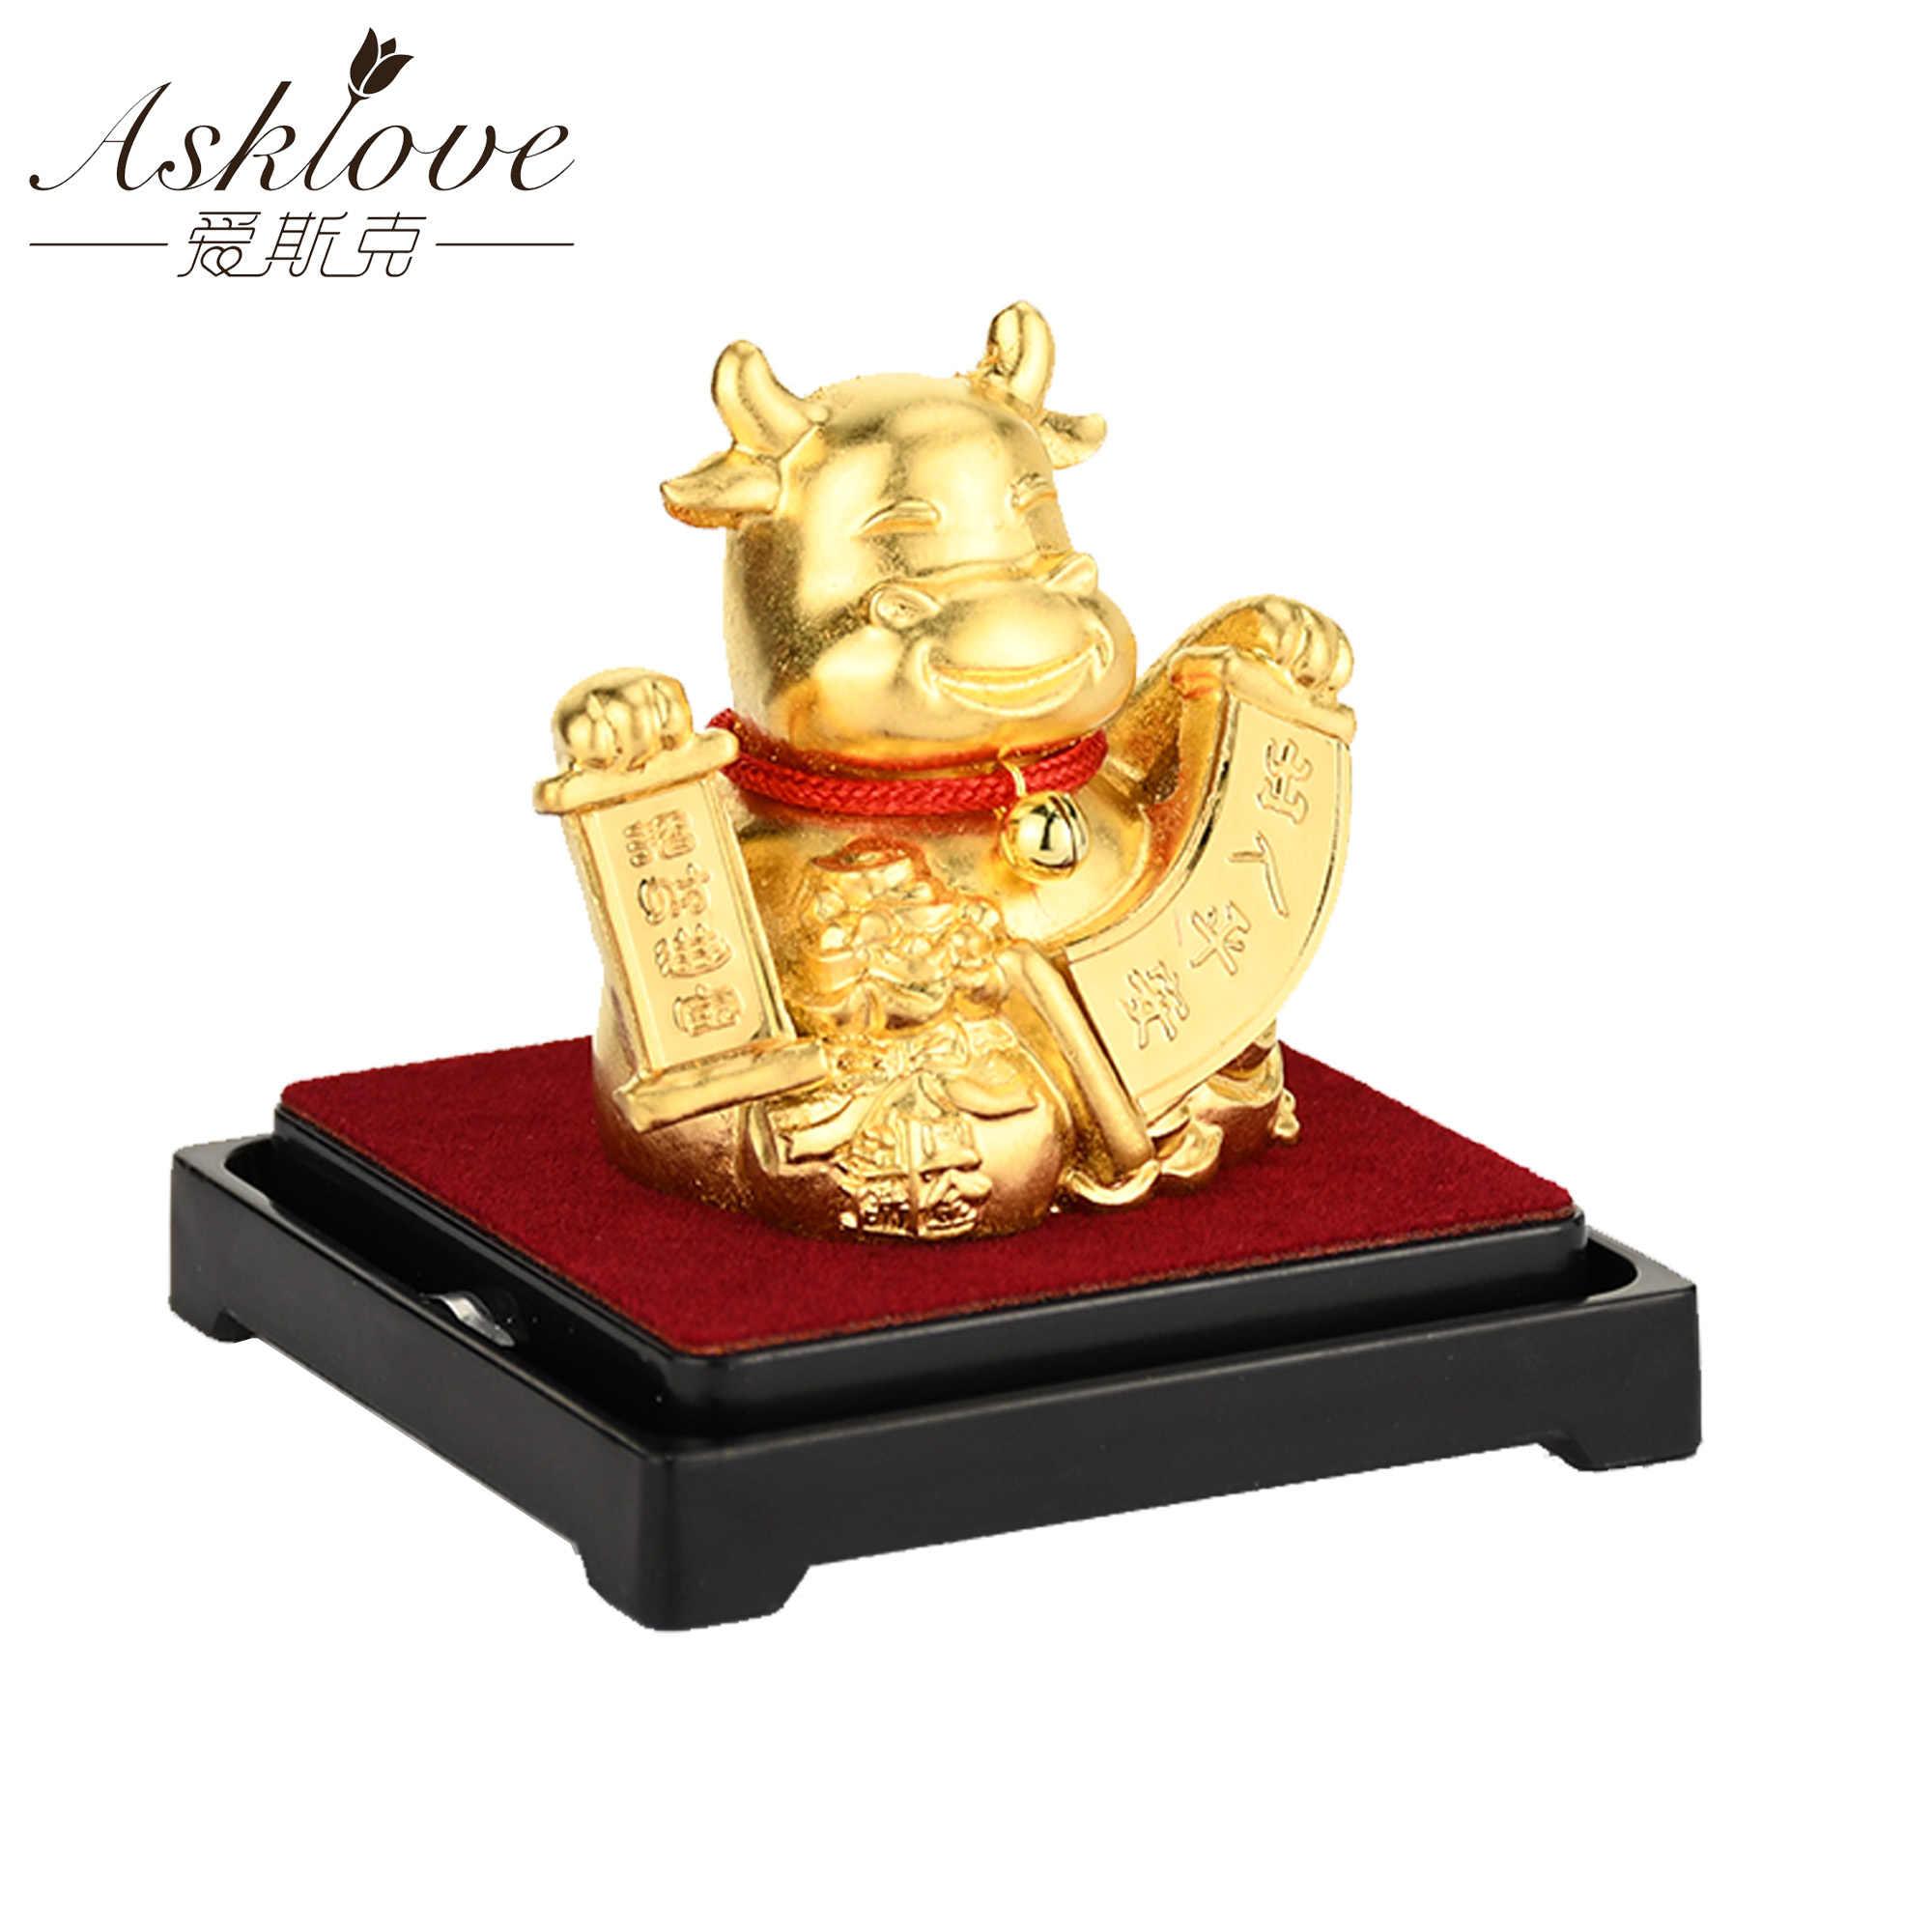 Zodíaco chinês coletar riqueza ornamentos 24k folha de ouro fengshui decoração dragão/rato/porco/macaco carro sorte artesanato decoração do escritório em casa